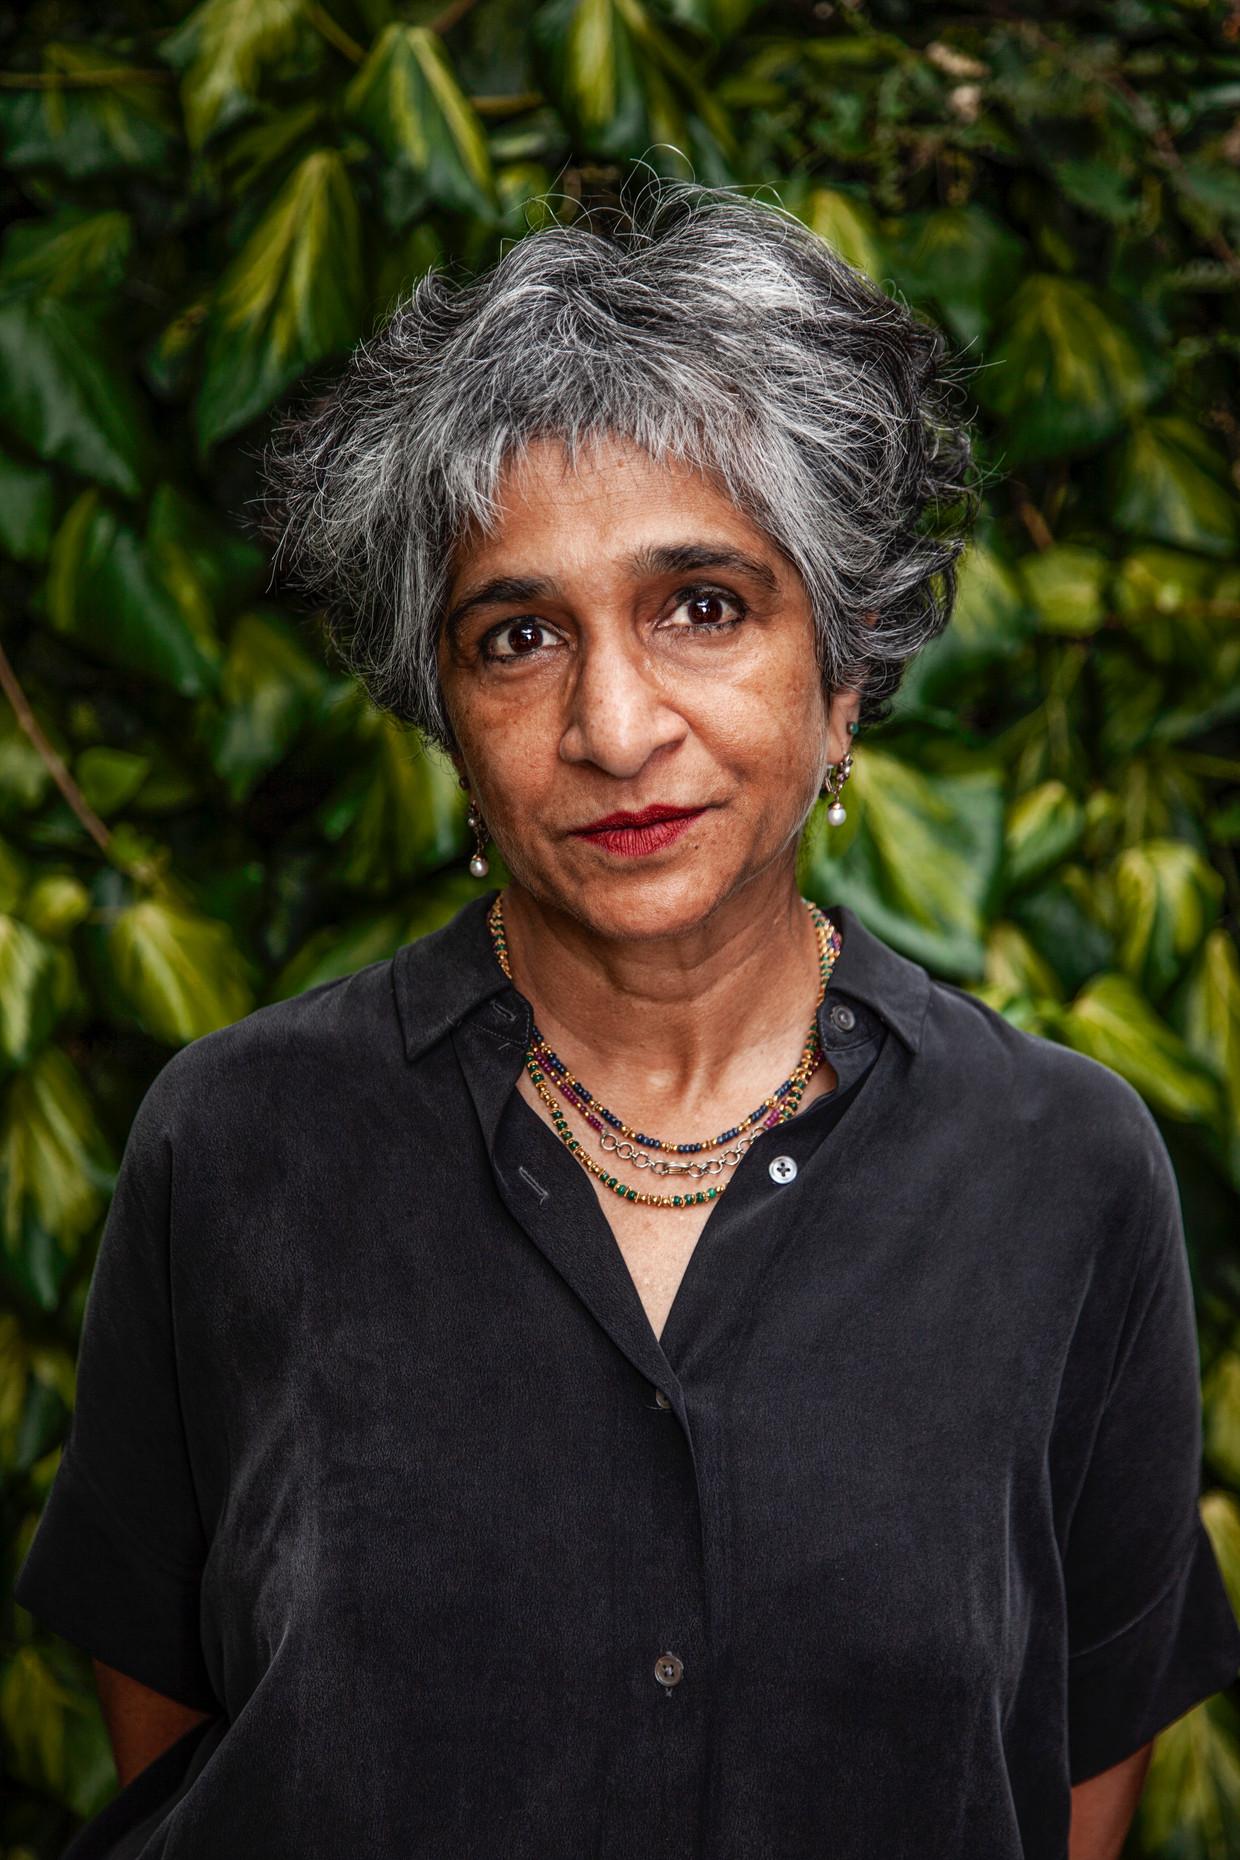 Suhaila Abdulali